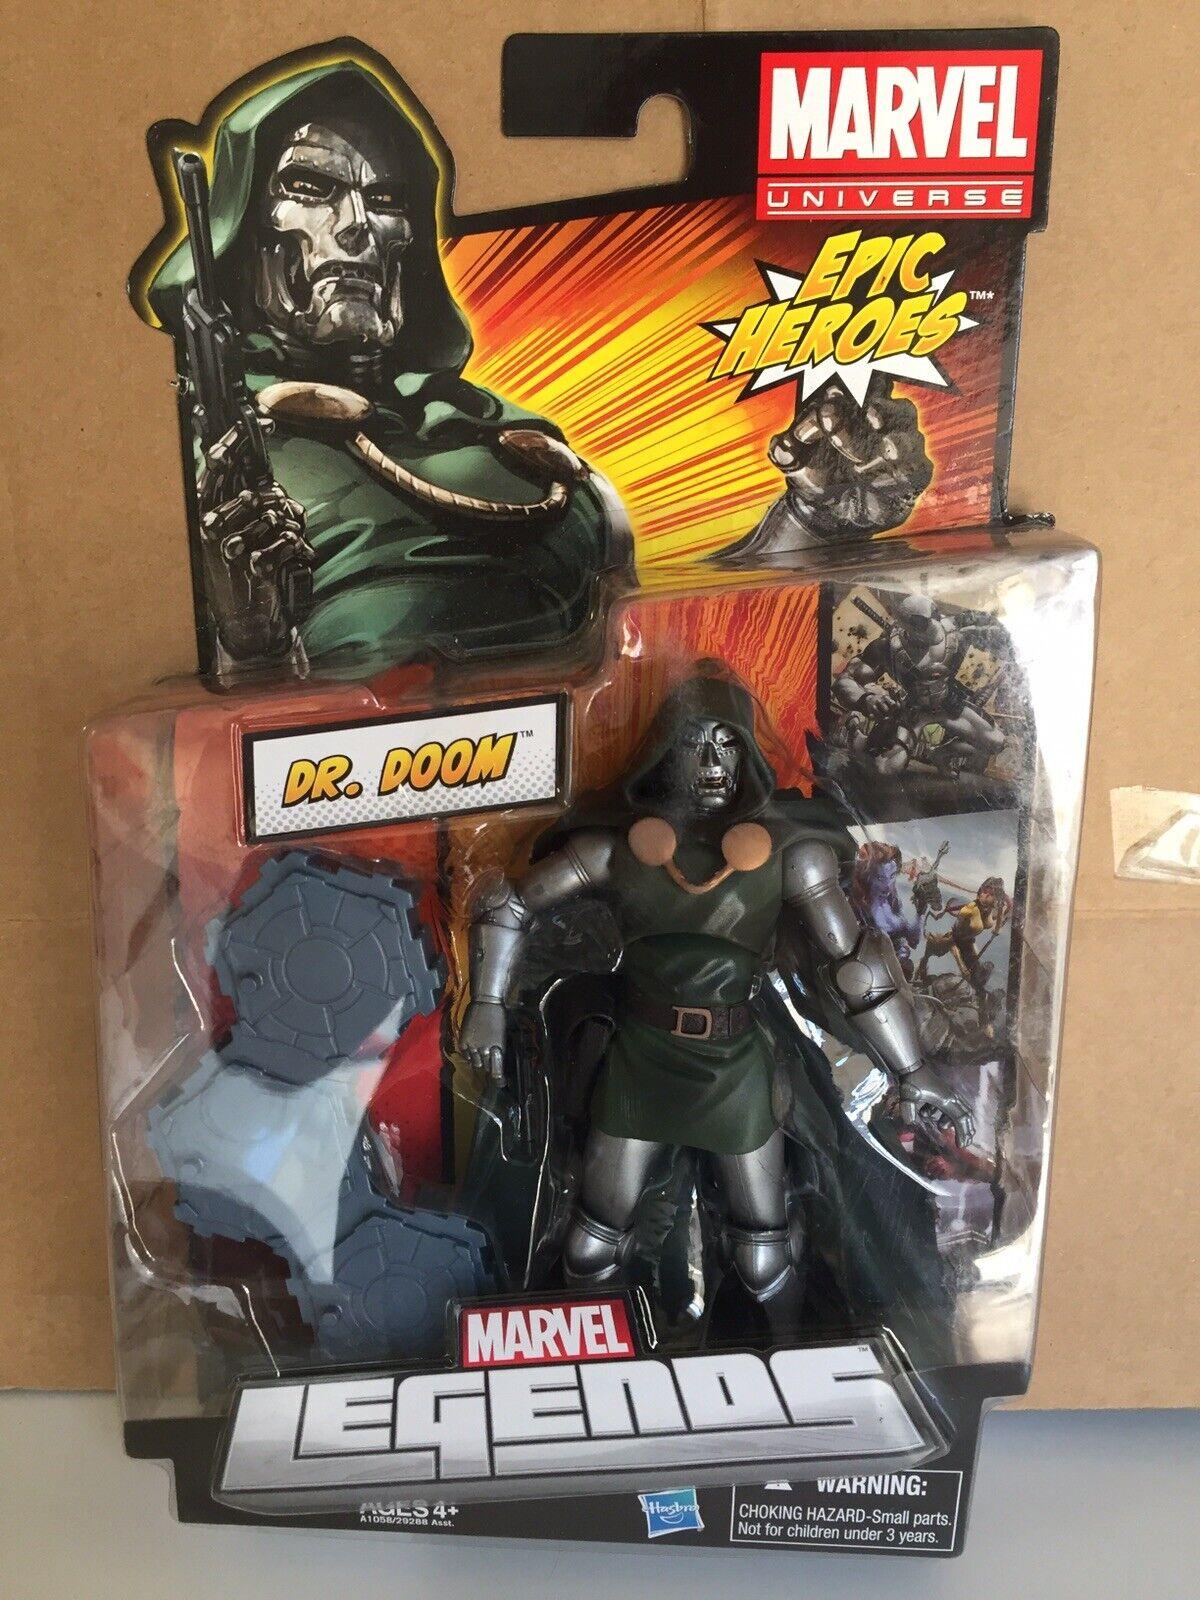 Marvel Legends Epic Heroes Series 3 Dr. Doom nuovo  Sealed Hasbro Doctor Doom  la vostra soddisfazione è il nostro obiettivo